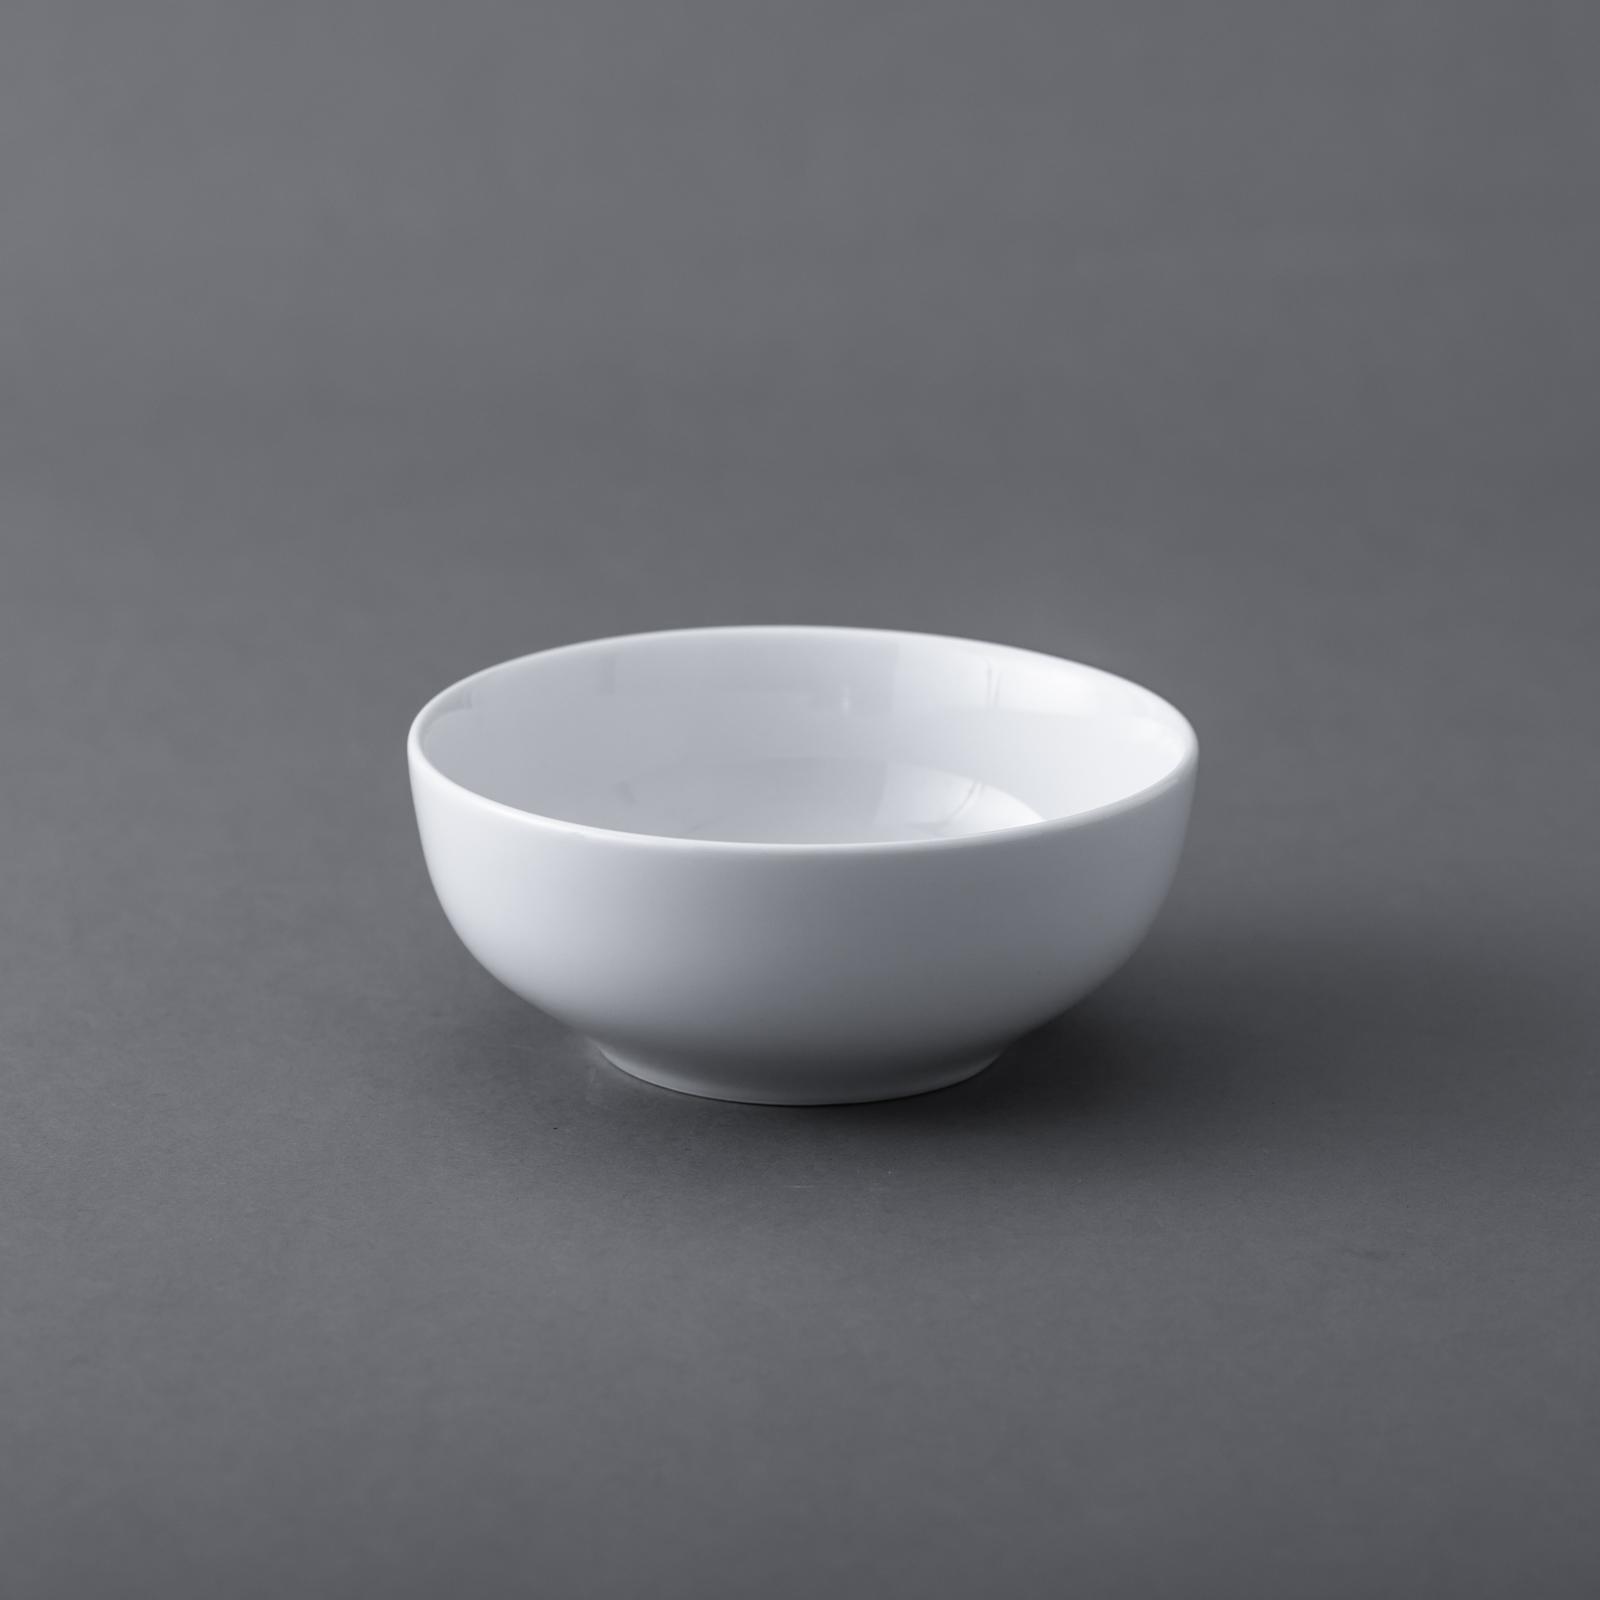 PILLIVUYT _ サンセール ボウル 13cm